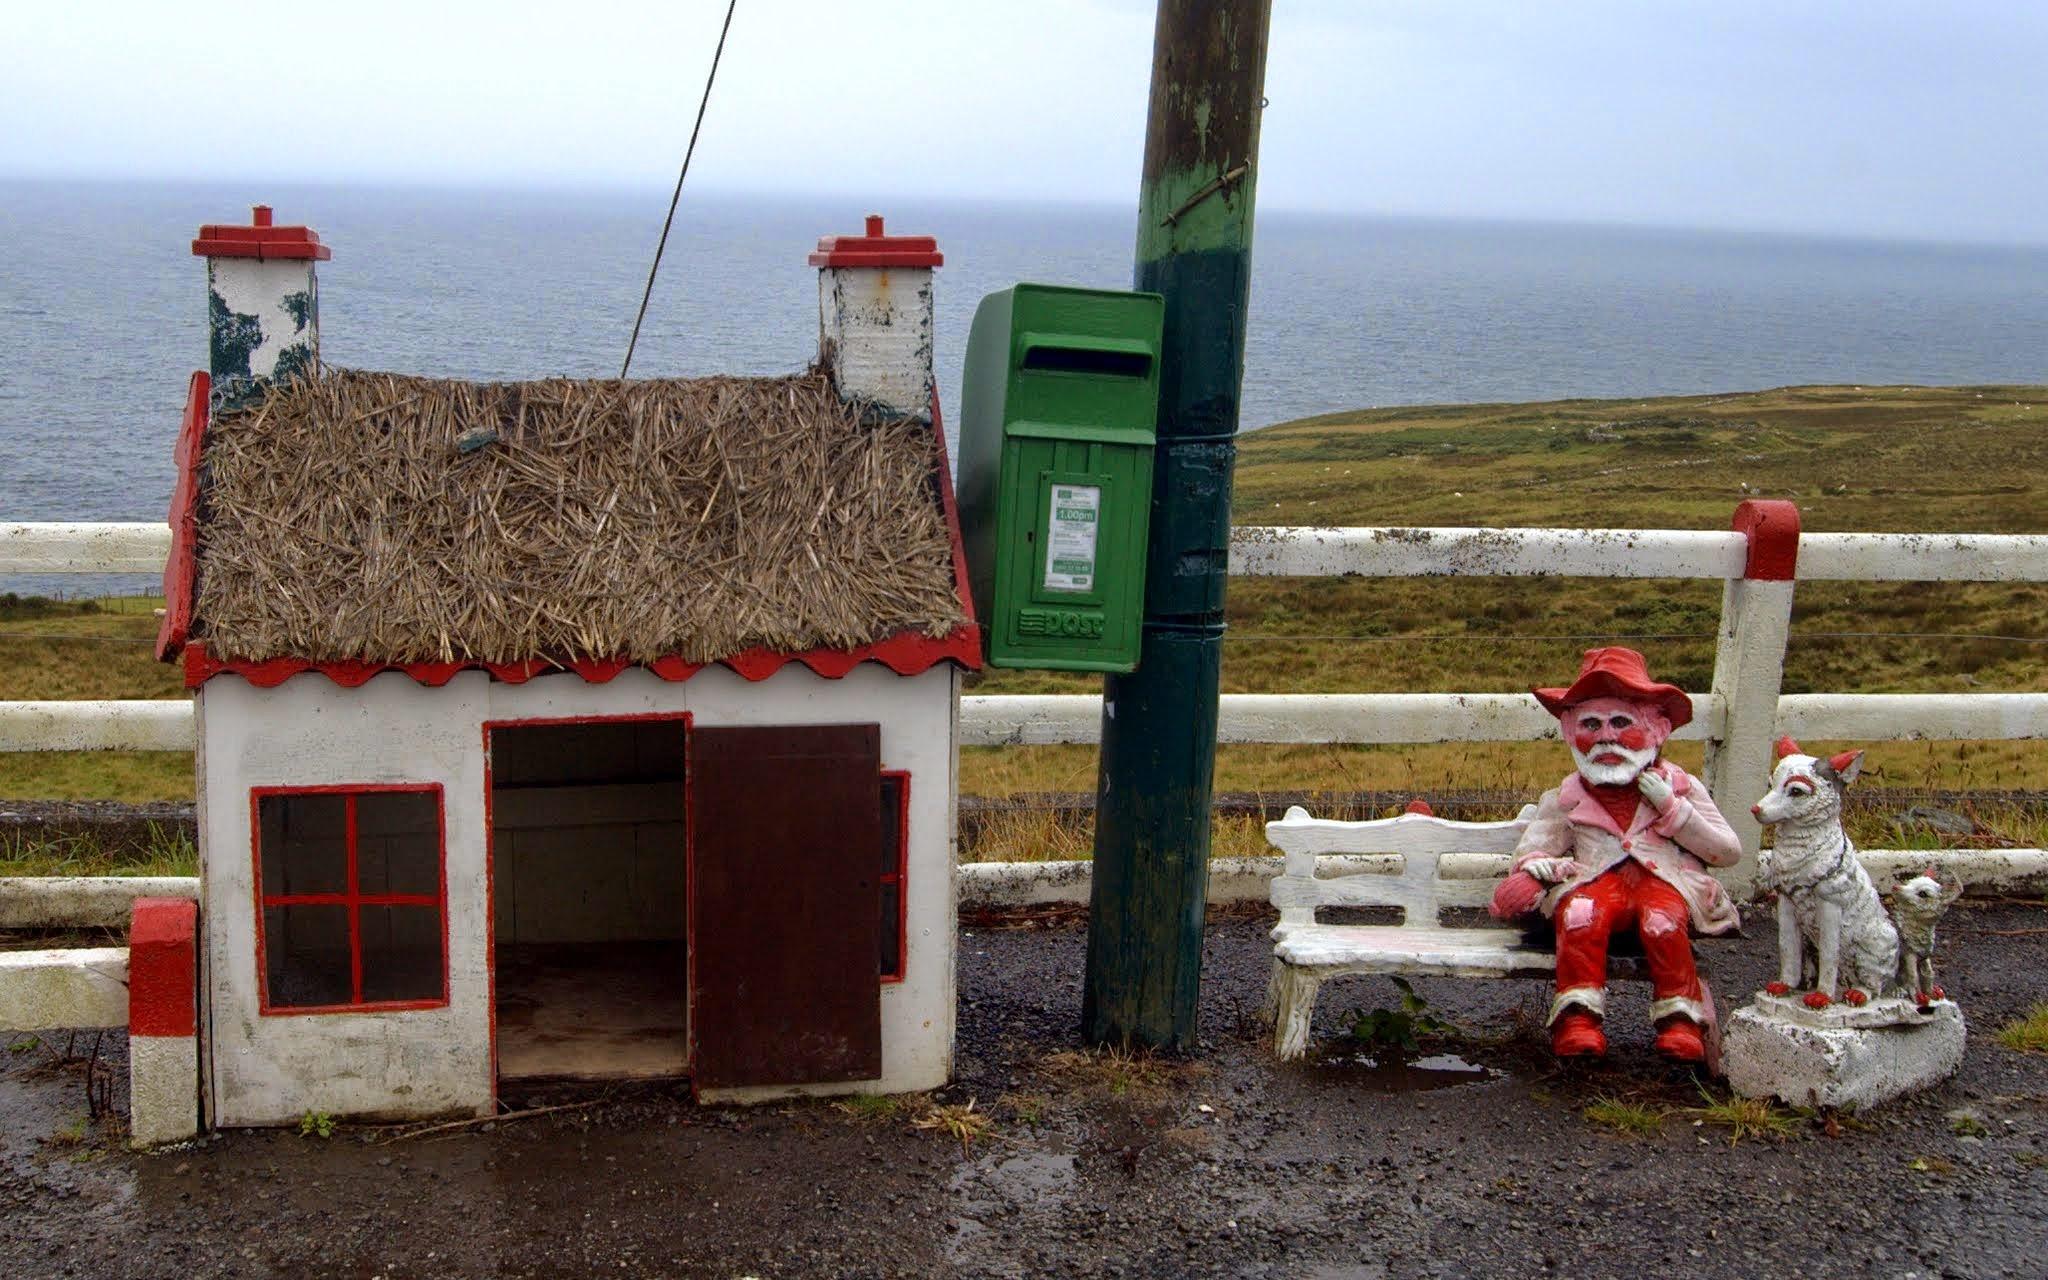 minnons  post office by Aidan Sullivan